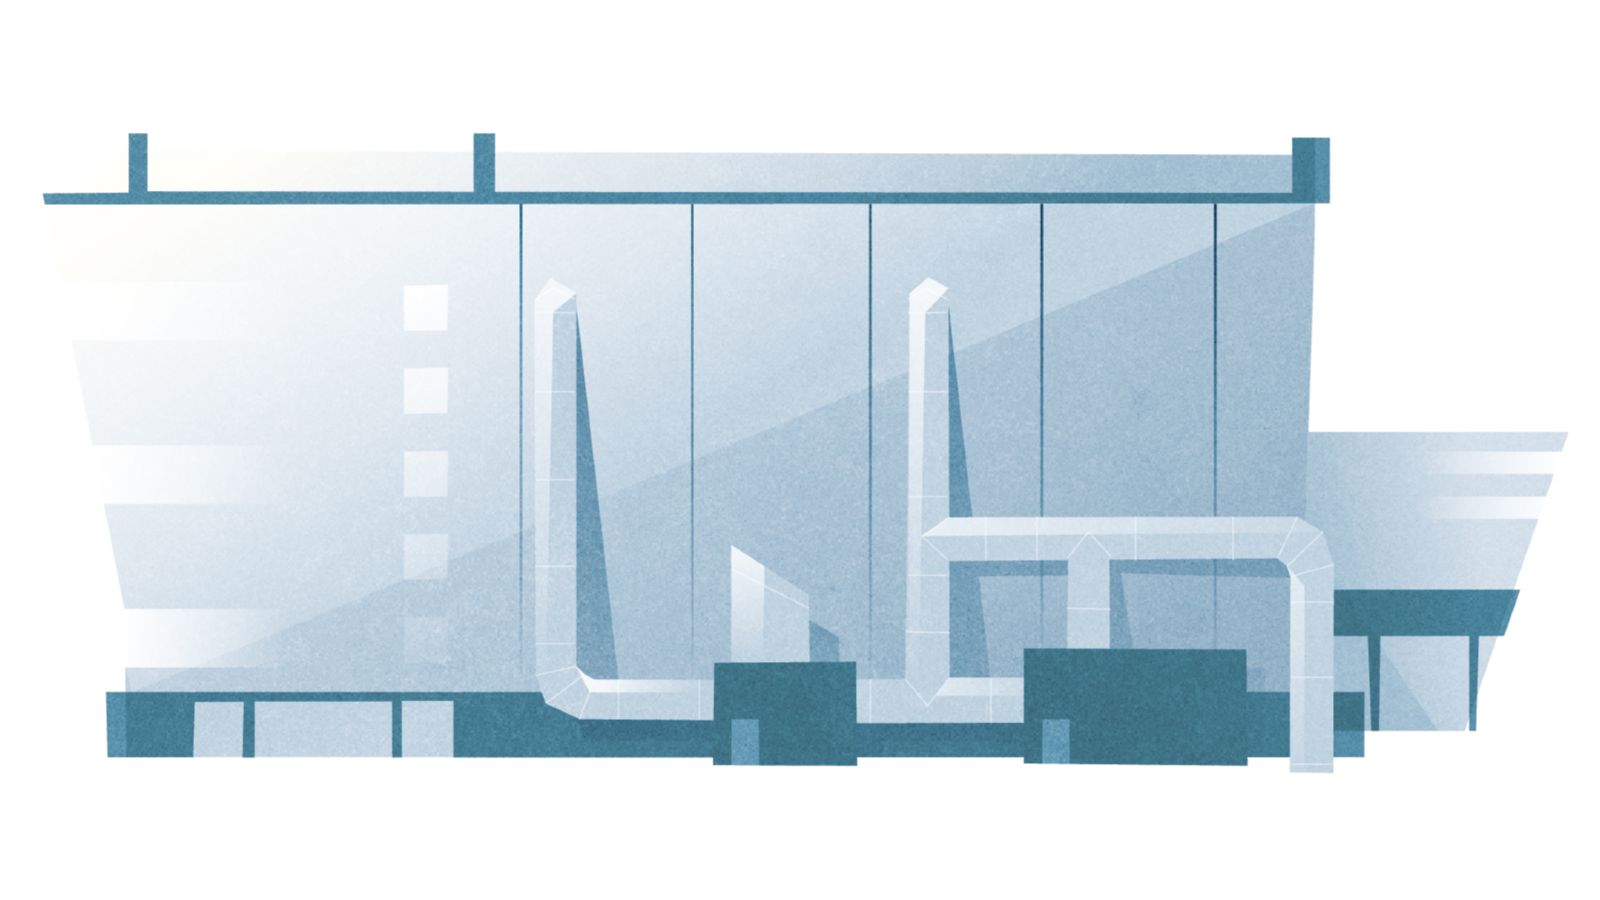 Das Bild zeigt eine Fabrik mit hervorgehobenen Heiz- und Kühlanlagen.